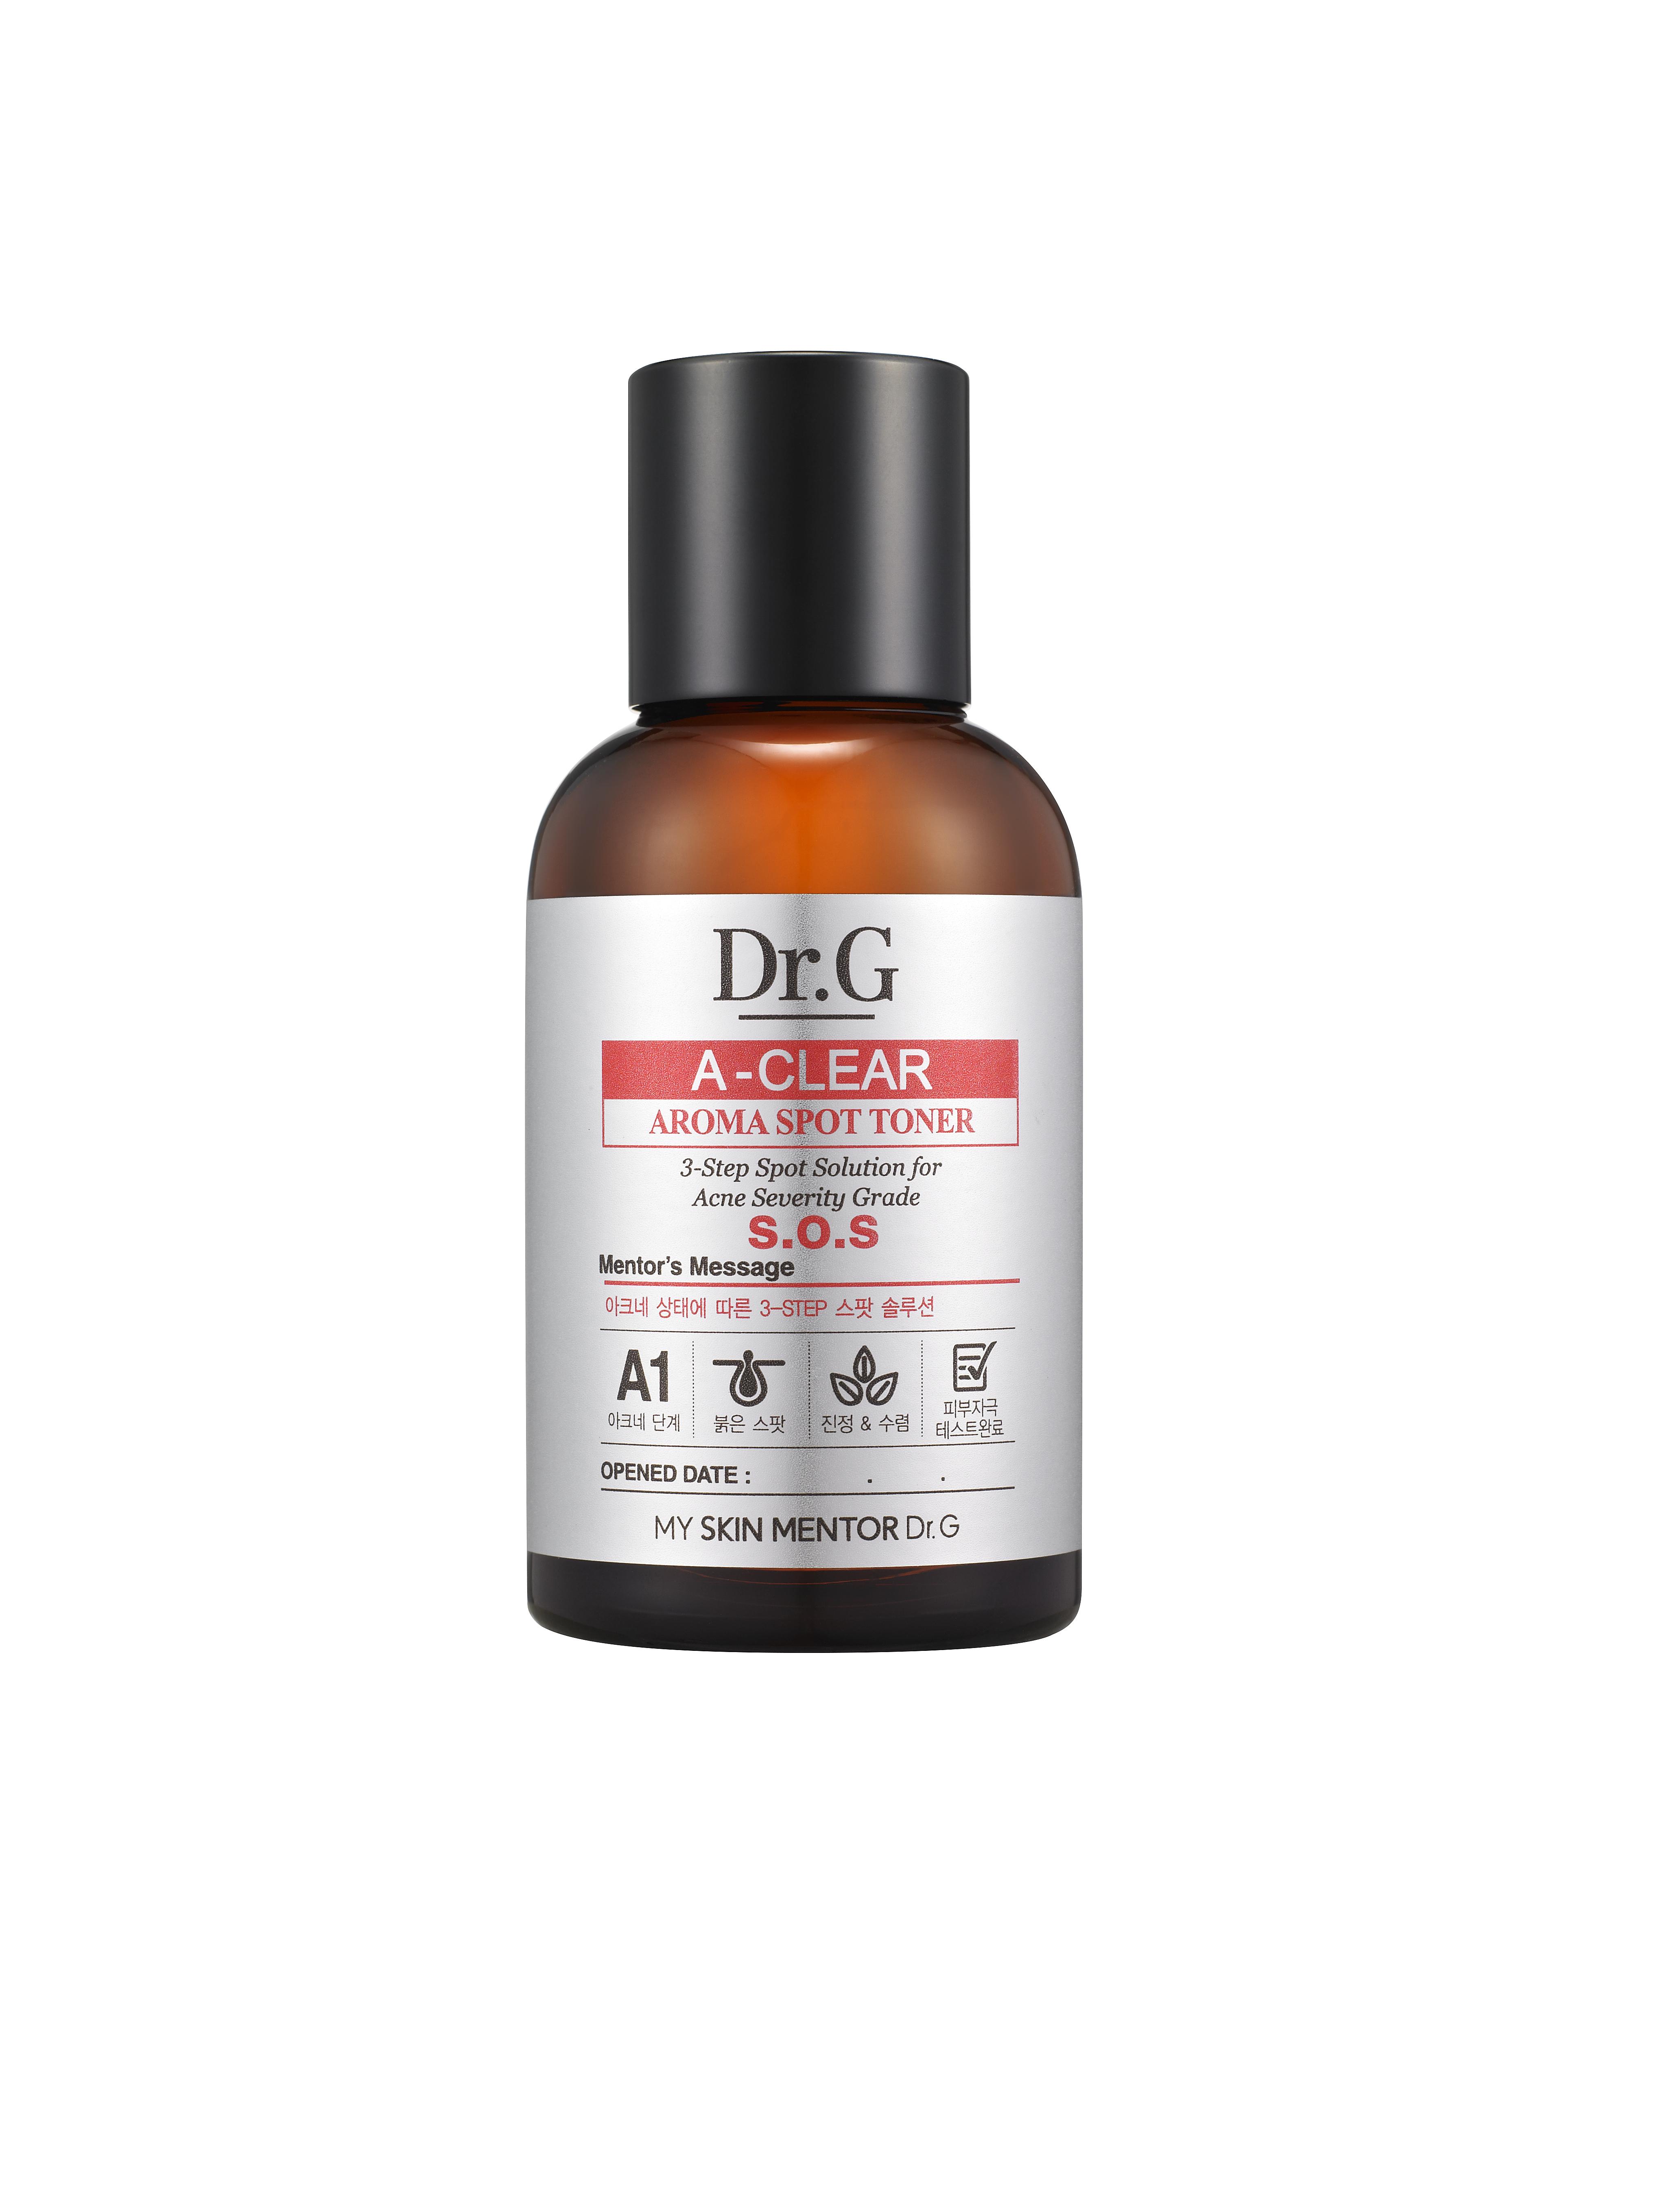 Dr. G Тоник с арома-маслами для проблемной кожи A-Clear, 50 млDG131419Тоник для проблемной кожи содержит лечебный комплекс ингредиентов, направленных на борьбу с акне, гнойничковыми образованиями и раздражениями. Экстракт центеллы азиатской, экстракт чайного дерева, экстракт меда, ледниковая вода не только лечат акне, но и значительно сокращают видимые следы пост-акне. Масло чайного дерева в составе лосьона - очень сильный антисептик, также обладает явно выраженным бактерицидным, противовирусным, противогрибковым и иммуностимулирующим эффектом. Салициловая кислота в составе средства имеет свойство растворять кератин, роговые наслоения, отшелушивает ороговевшие клетки эпидермиса, проникает в самые глубины поры, подавляя инфекцию. Морская вода в составе средства выводит токсины, контролирует работу сальных желез, насыщает кожу полезными микро и макро-элементами, осветляет пигментные пятна. Кожа становится подтянутой и упругой.